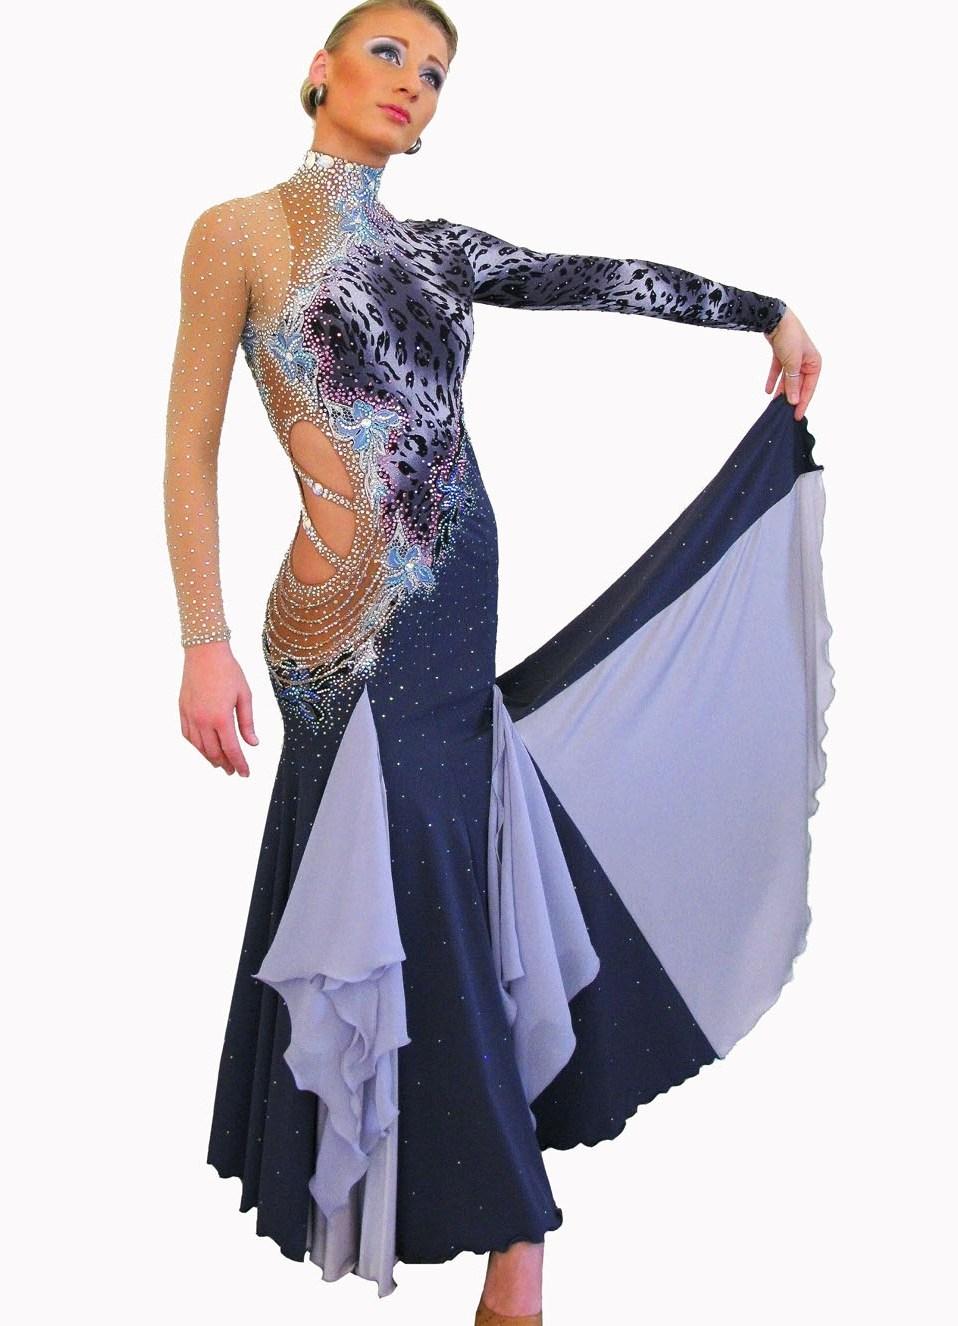 модель платья из атласа в цветочек